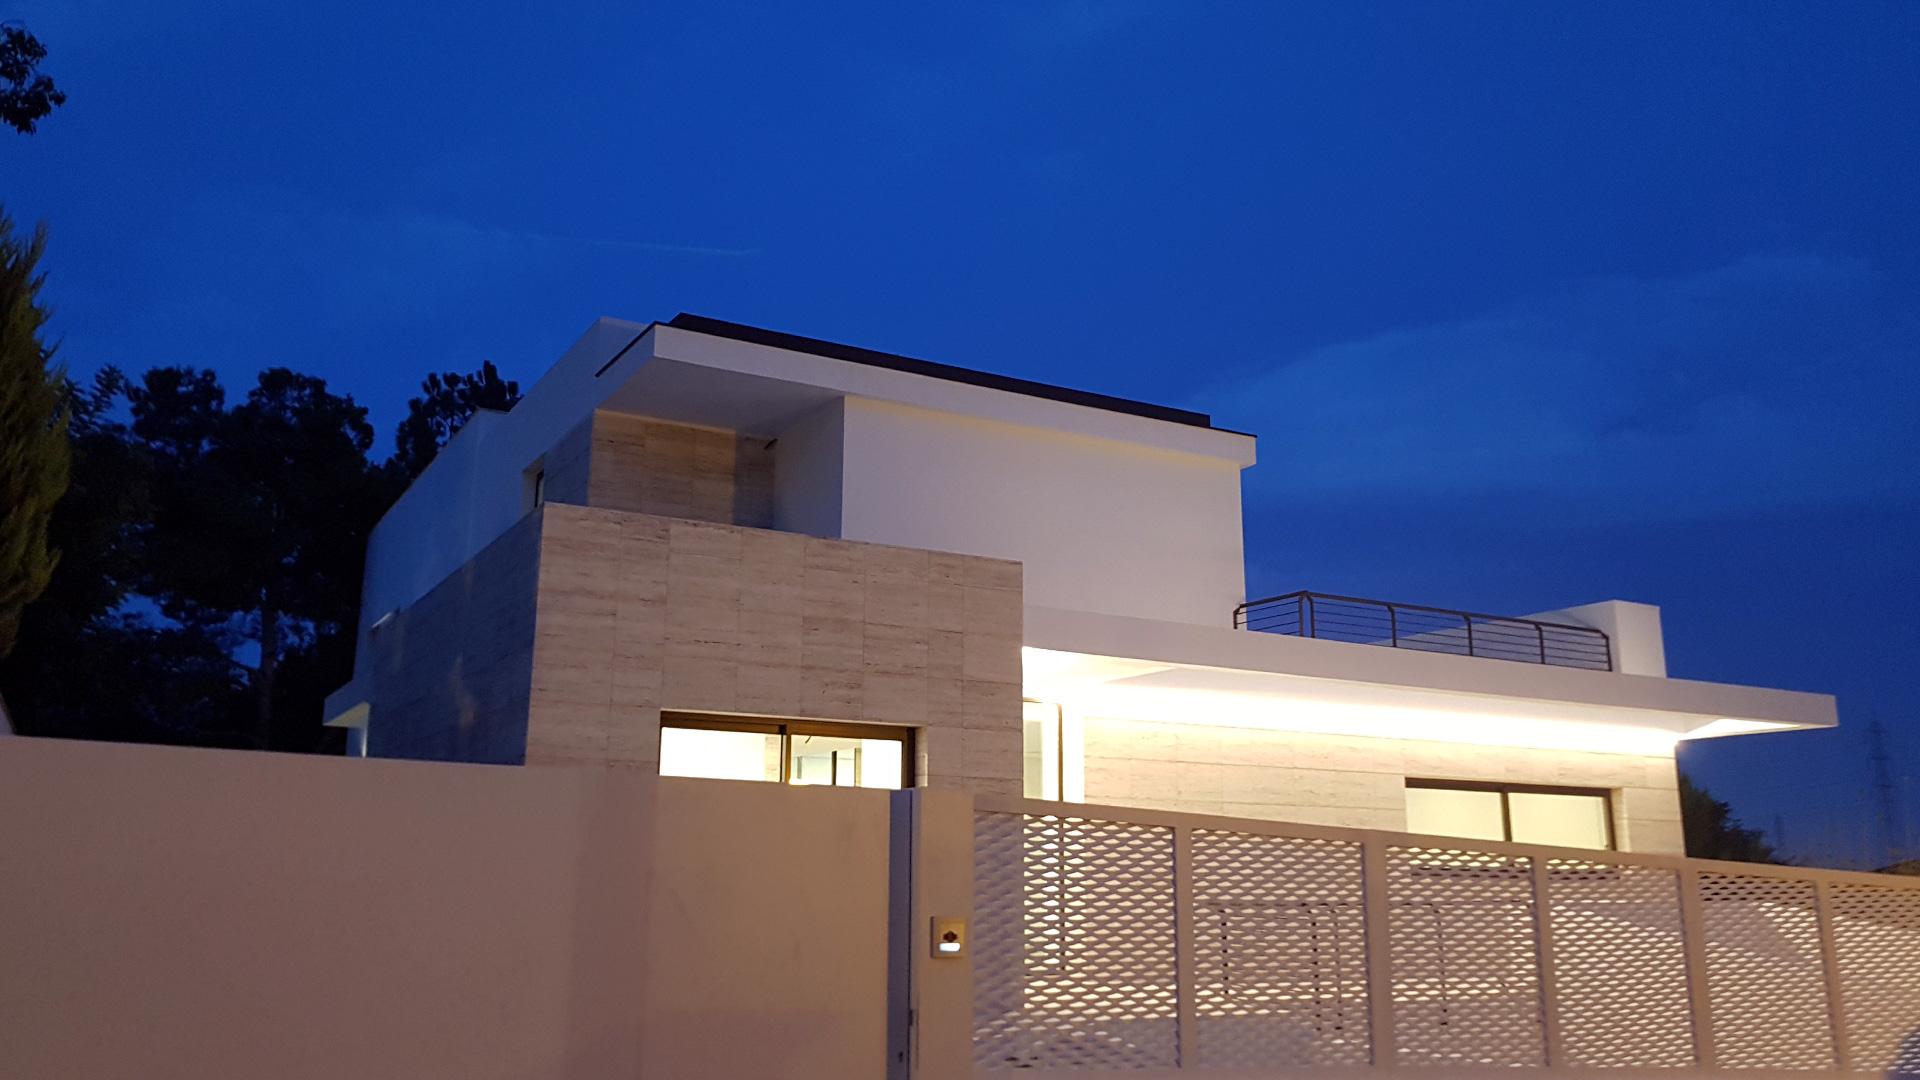 Vivienda unifamiliar en Valencia. ENE Construcción, constructora en España, RGB Arquitectos